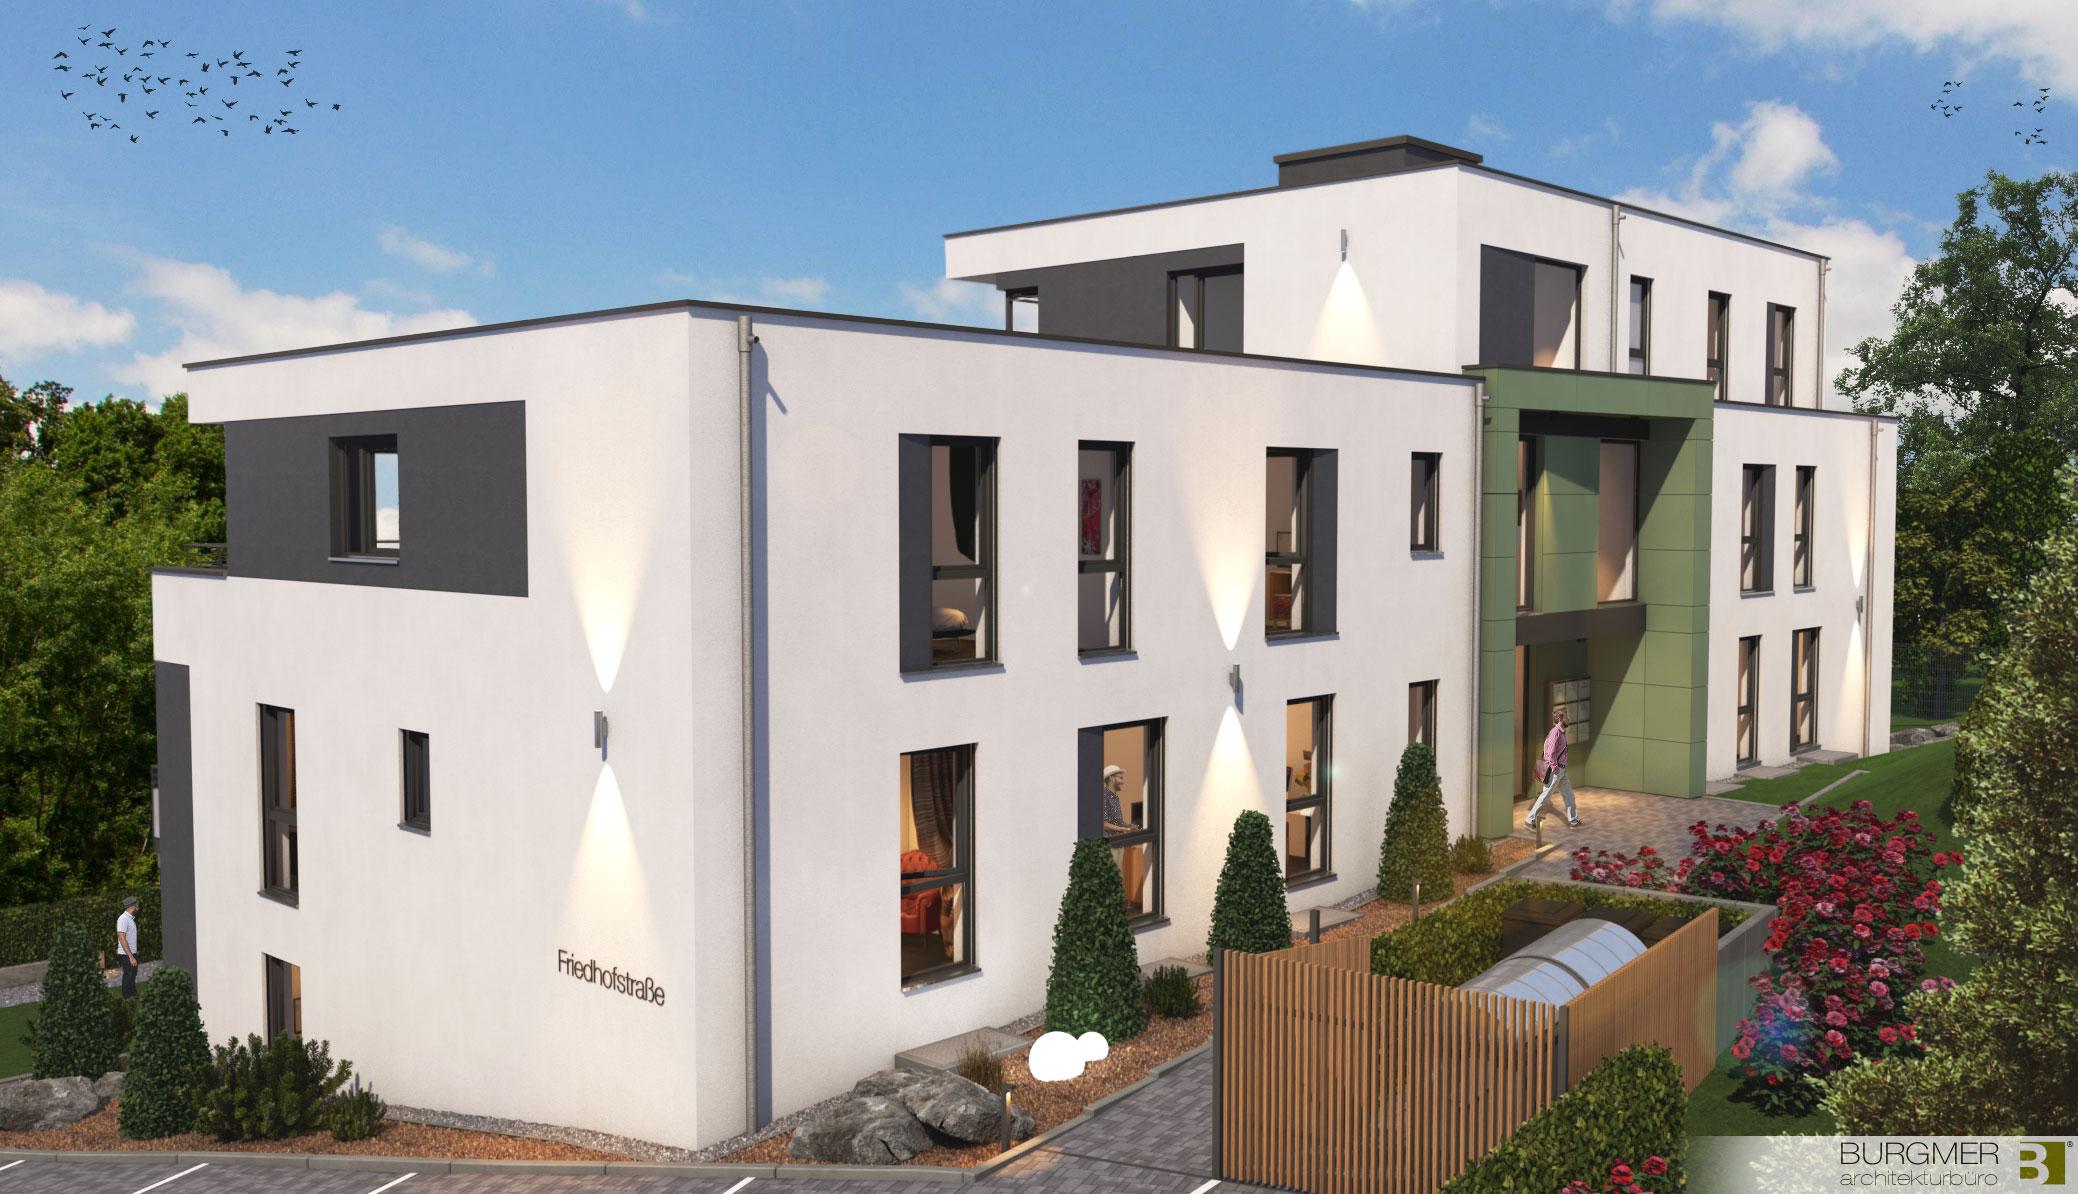 Wohnhaus,Burgmer-architekt,wiehl, 8-Wohneinheiten,wiehl-zentrum,Nico Burgmer,Wohnhaus Wiehl